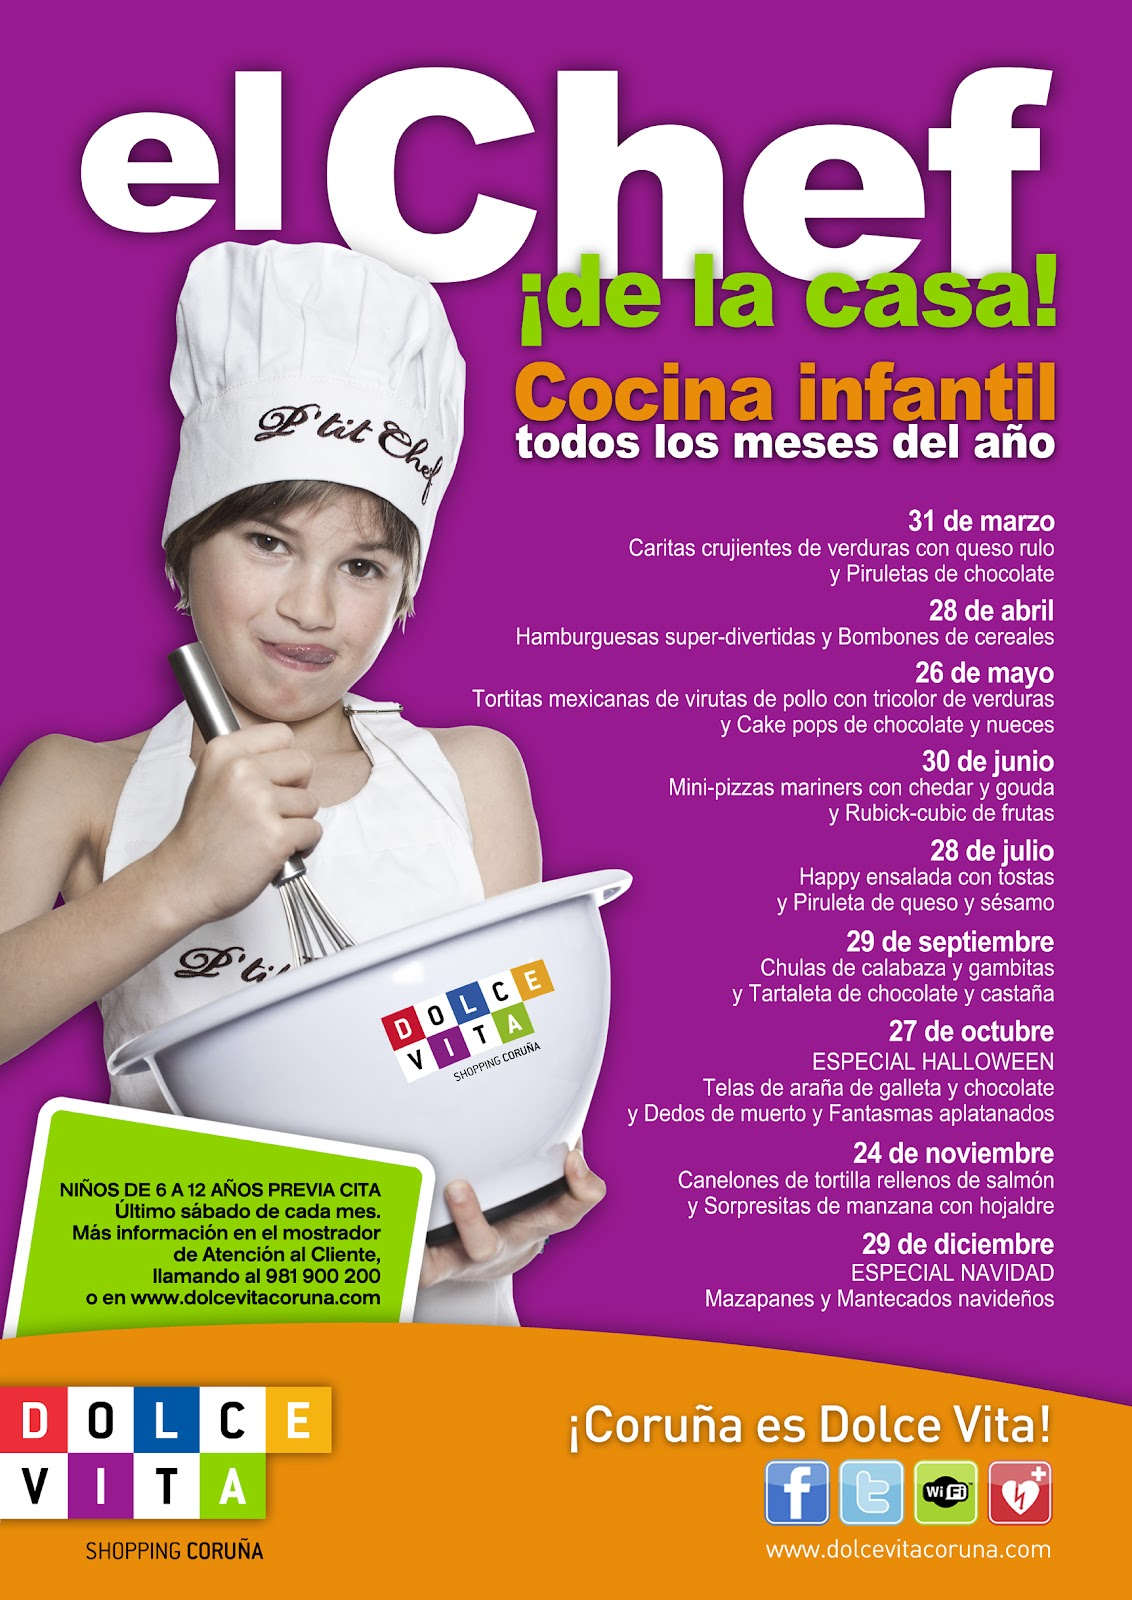 La cocina de tarta de fresa cursos de cocina para ni os - Cursos de cocina para ninos en madrid ...